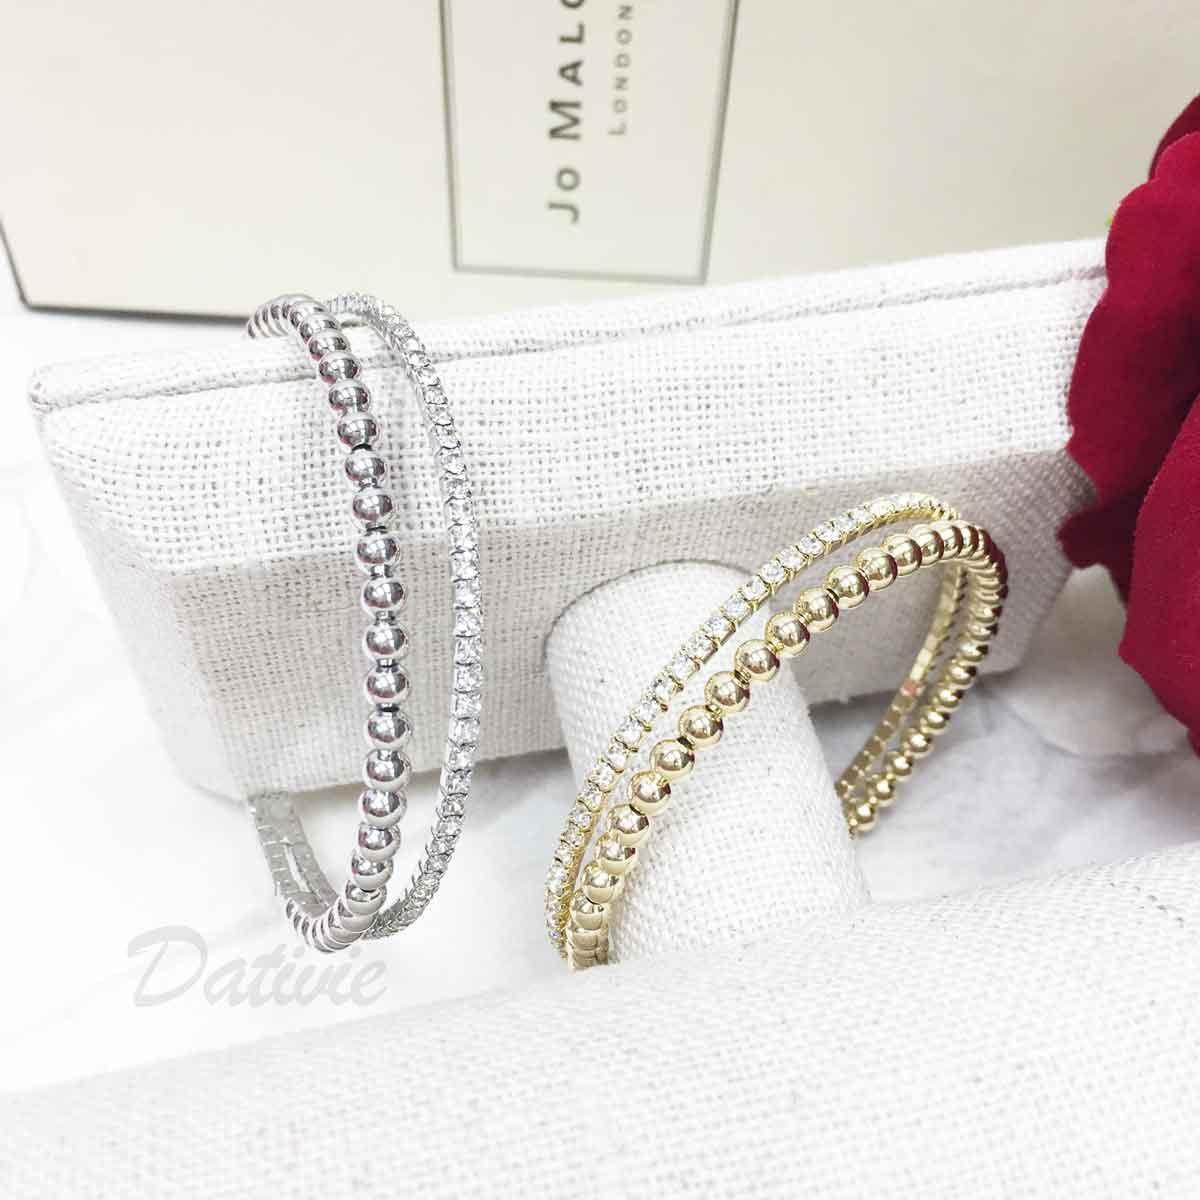 水鑽 金屬珠珠 雙環圈 2色 質感 手飾 手環